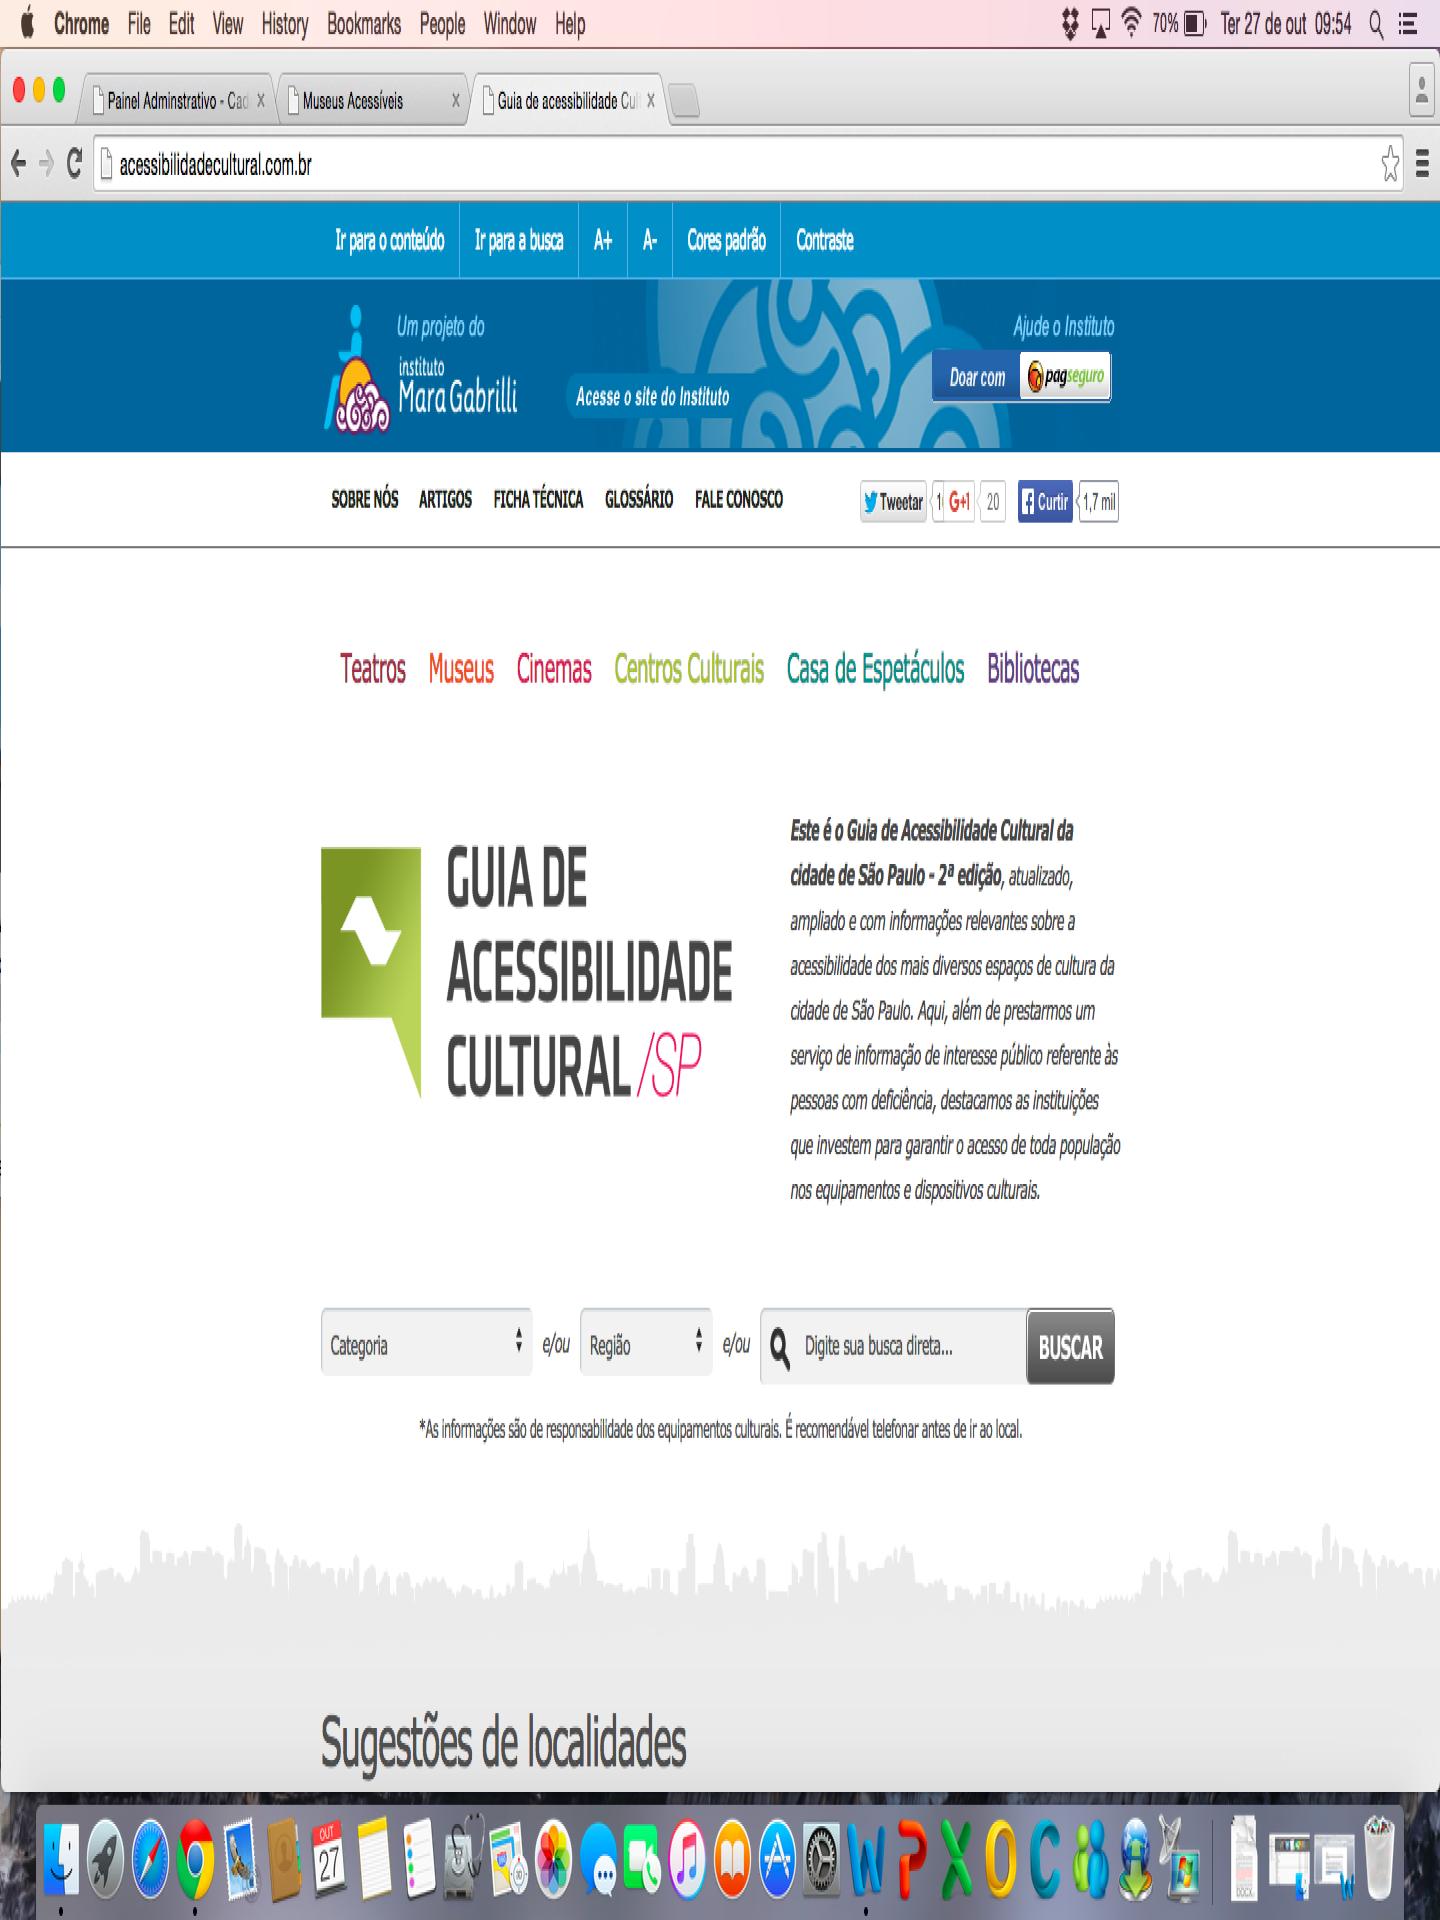 Imagem do página principal do site do Guia de Acessibilidade Cultural com texto de apresentação. Fundo branco, faixa superior azul com o logotipo do Instituto Mara Gabrilli